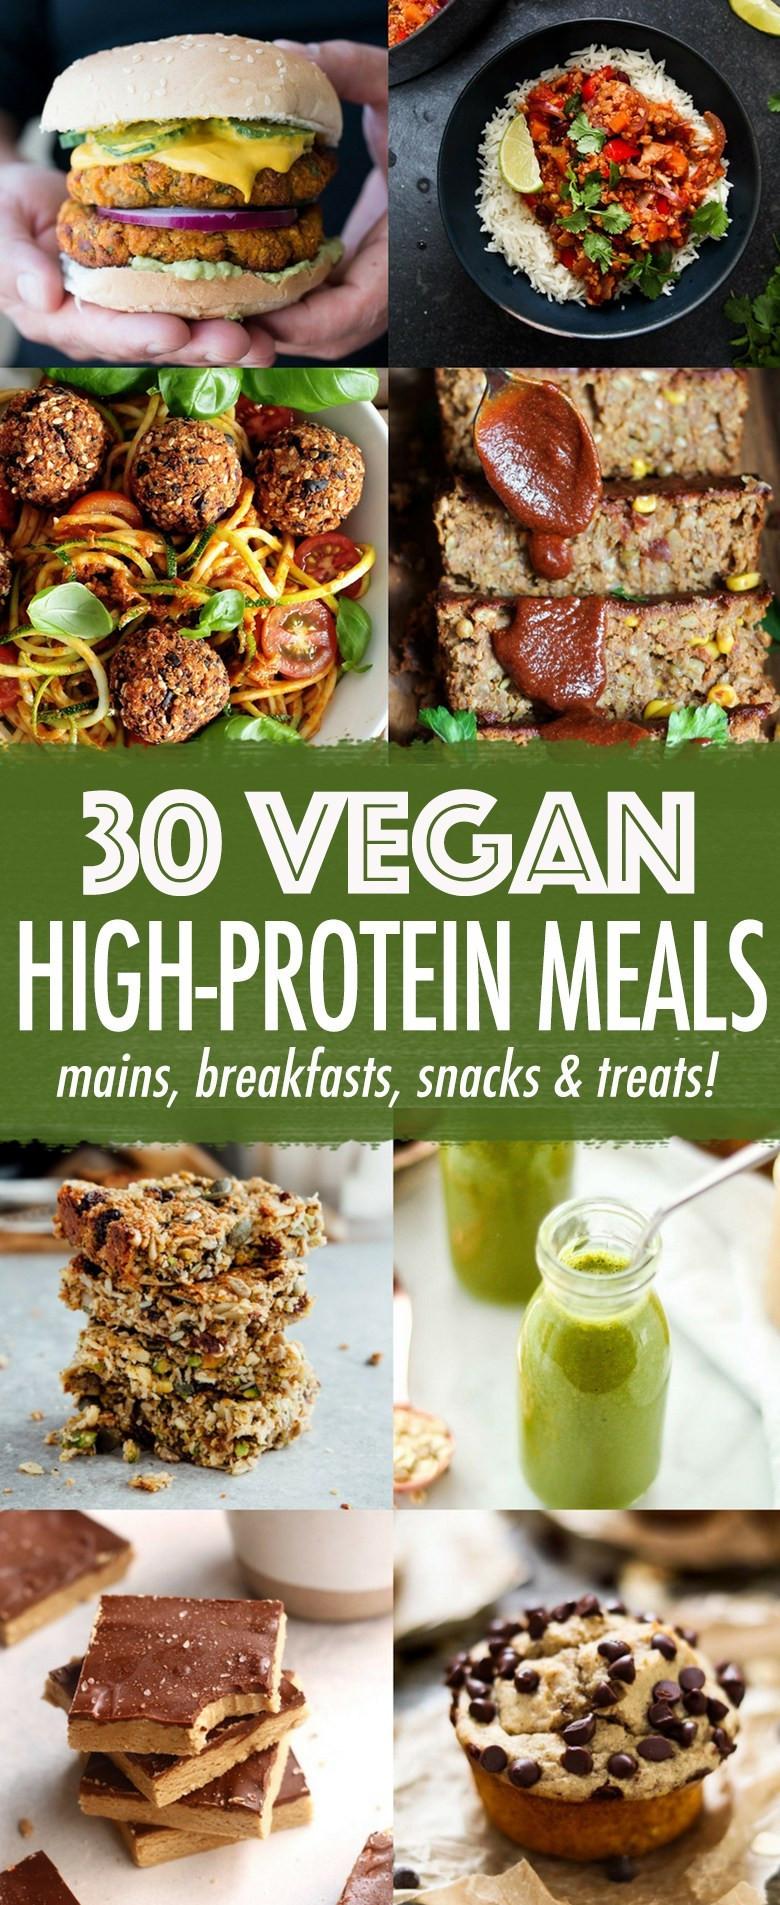 High Protein Vegan Recipes  30 High protein Vegan Meals Wallflower Kitchen